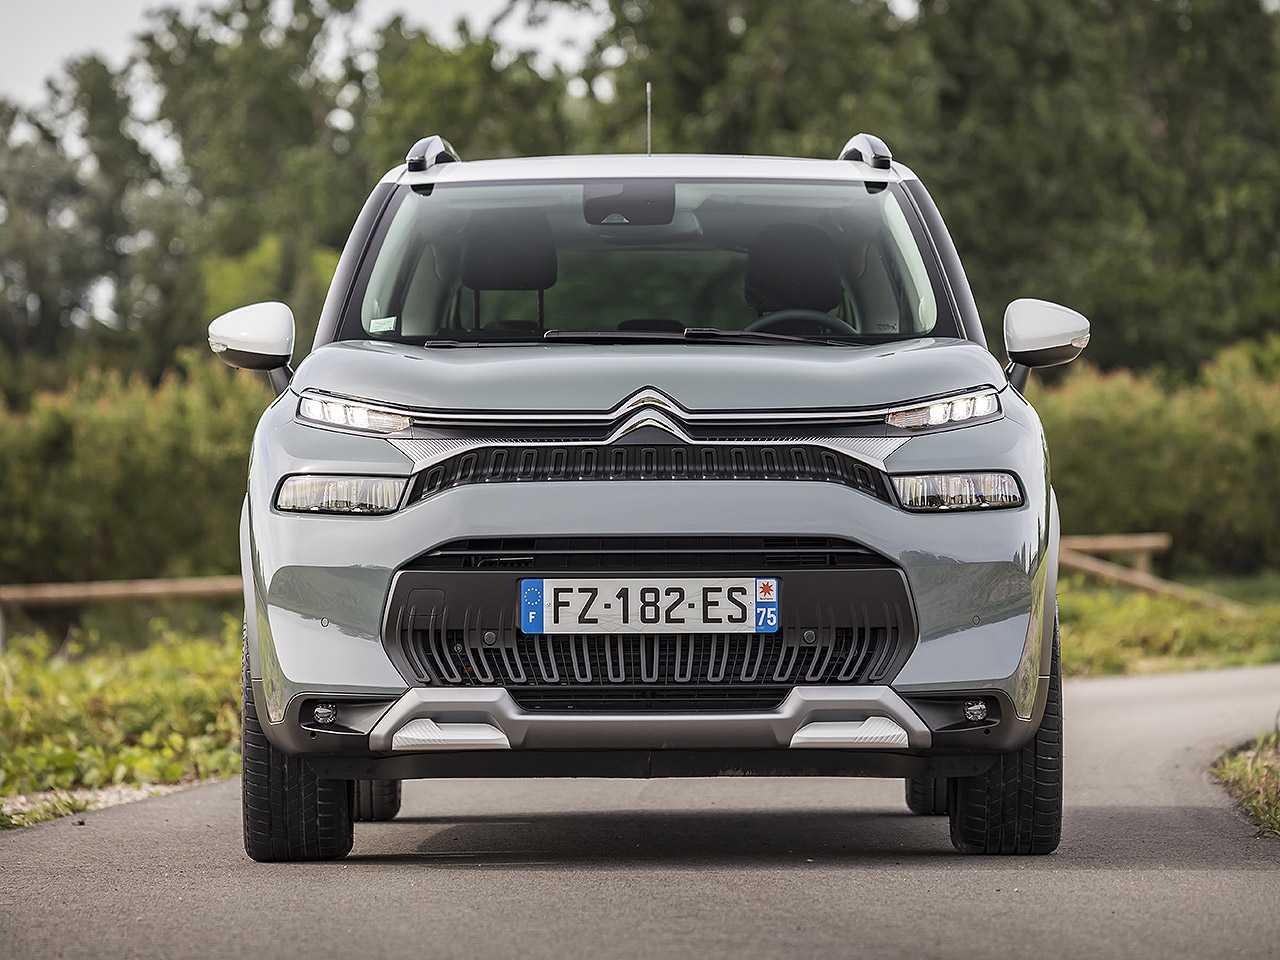 Acima o novo Citroën C3 Aircross vendido na Europa: boa referência para o projeto CC24